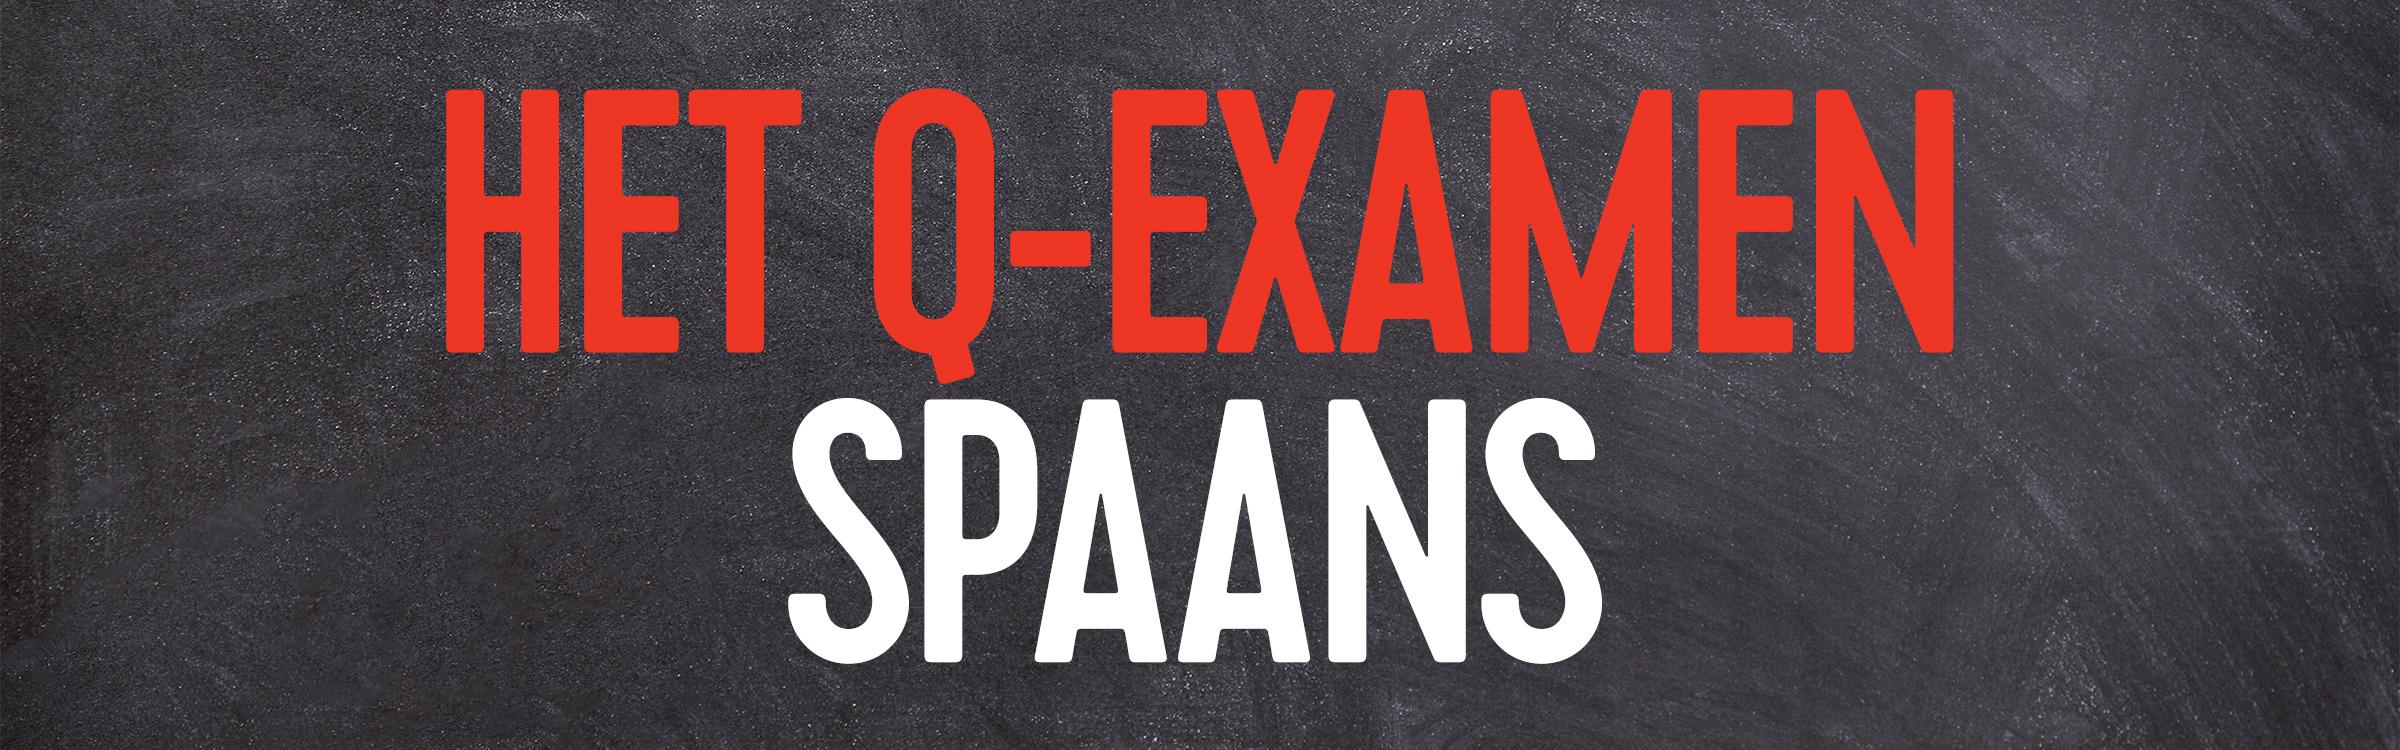 Q examen spaans header